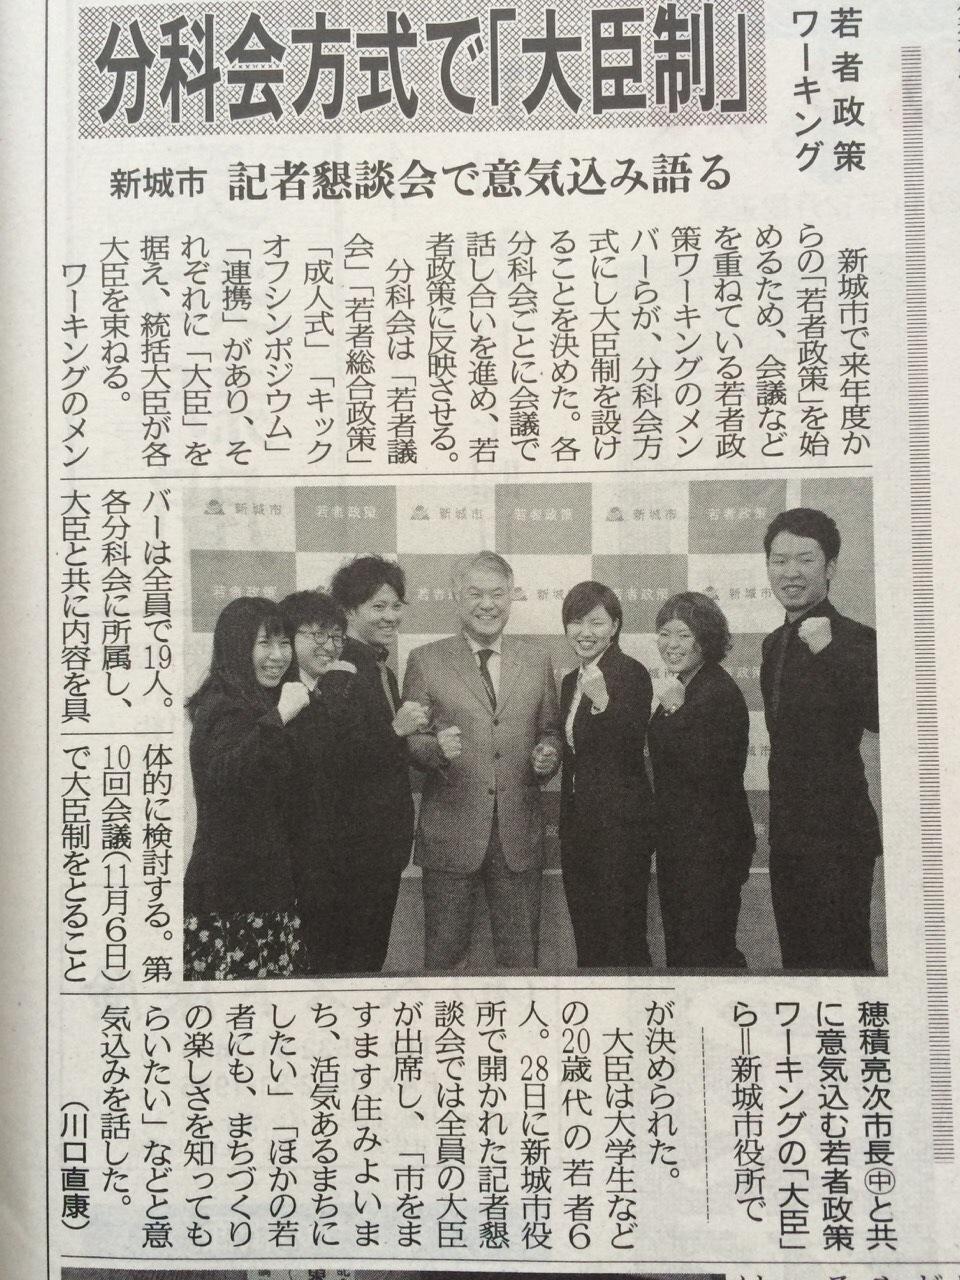 【愛知県新城市】若者ワーキングの大臣制が新聞で取り上げられているよ! (3)